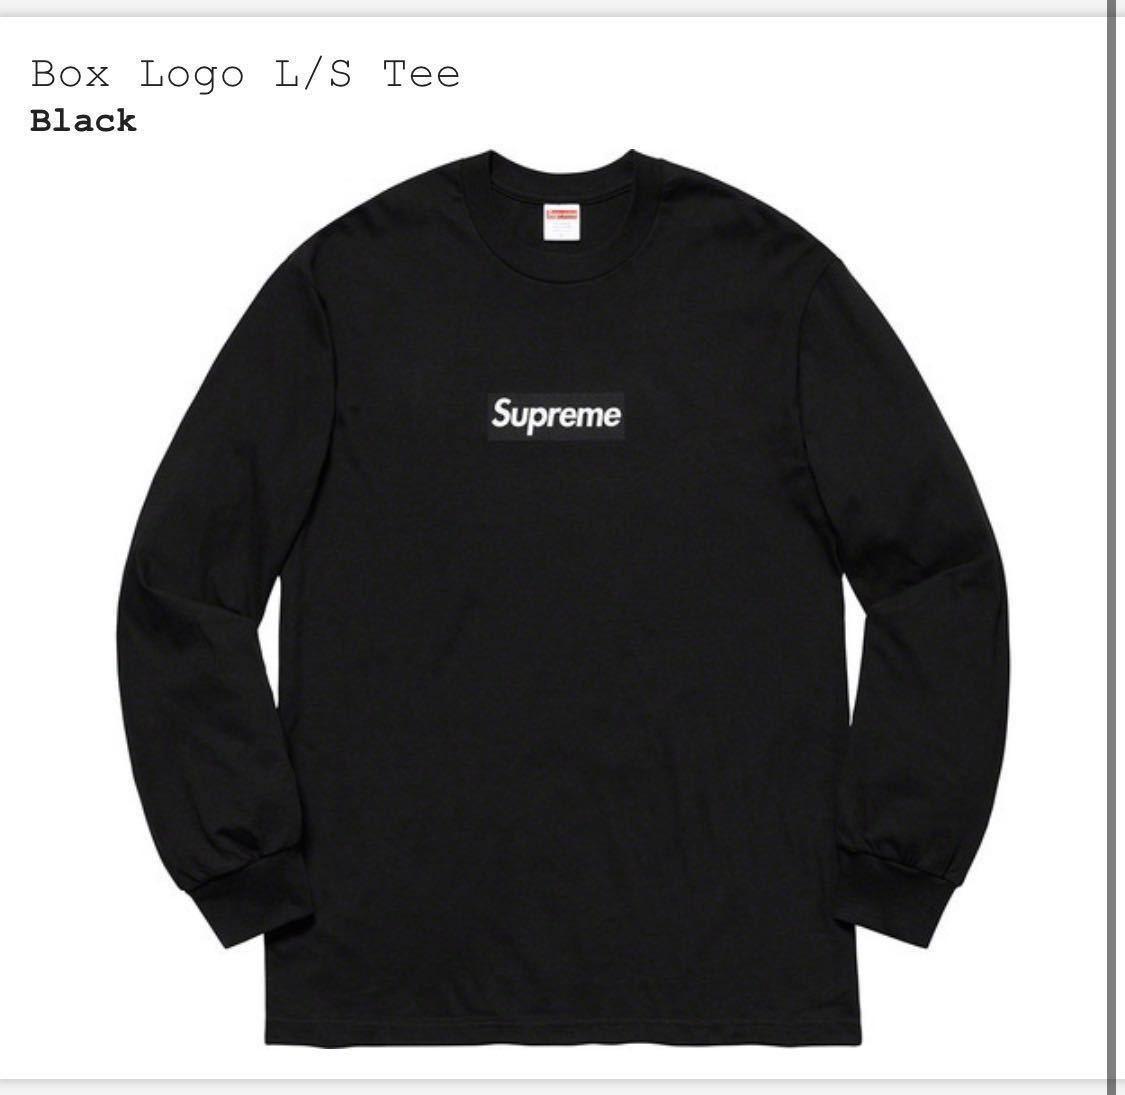 国内正規品 Supreme Box Logo L/S Tee Black 黒 シュプリーム Lサイズ ボックスロゴ 新品 未使用 大人気 即完売 ロンT 20aw 20fw